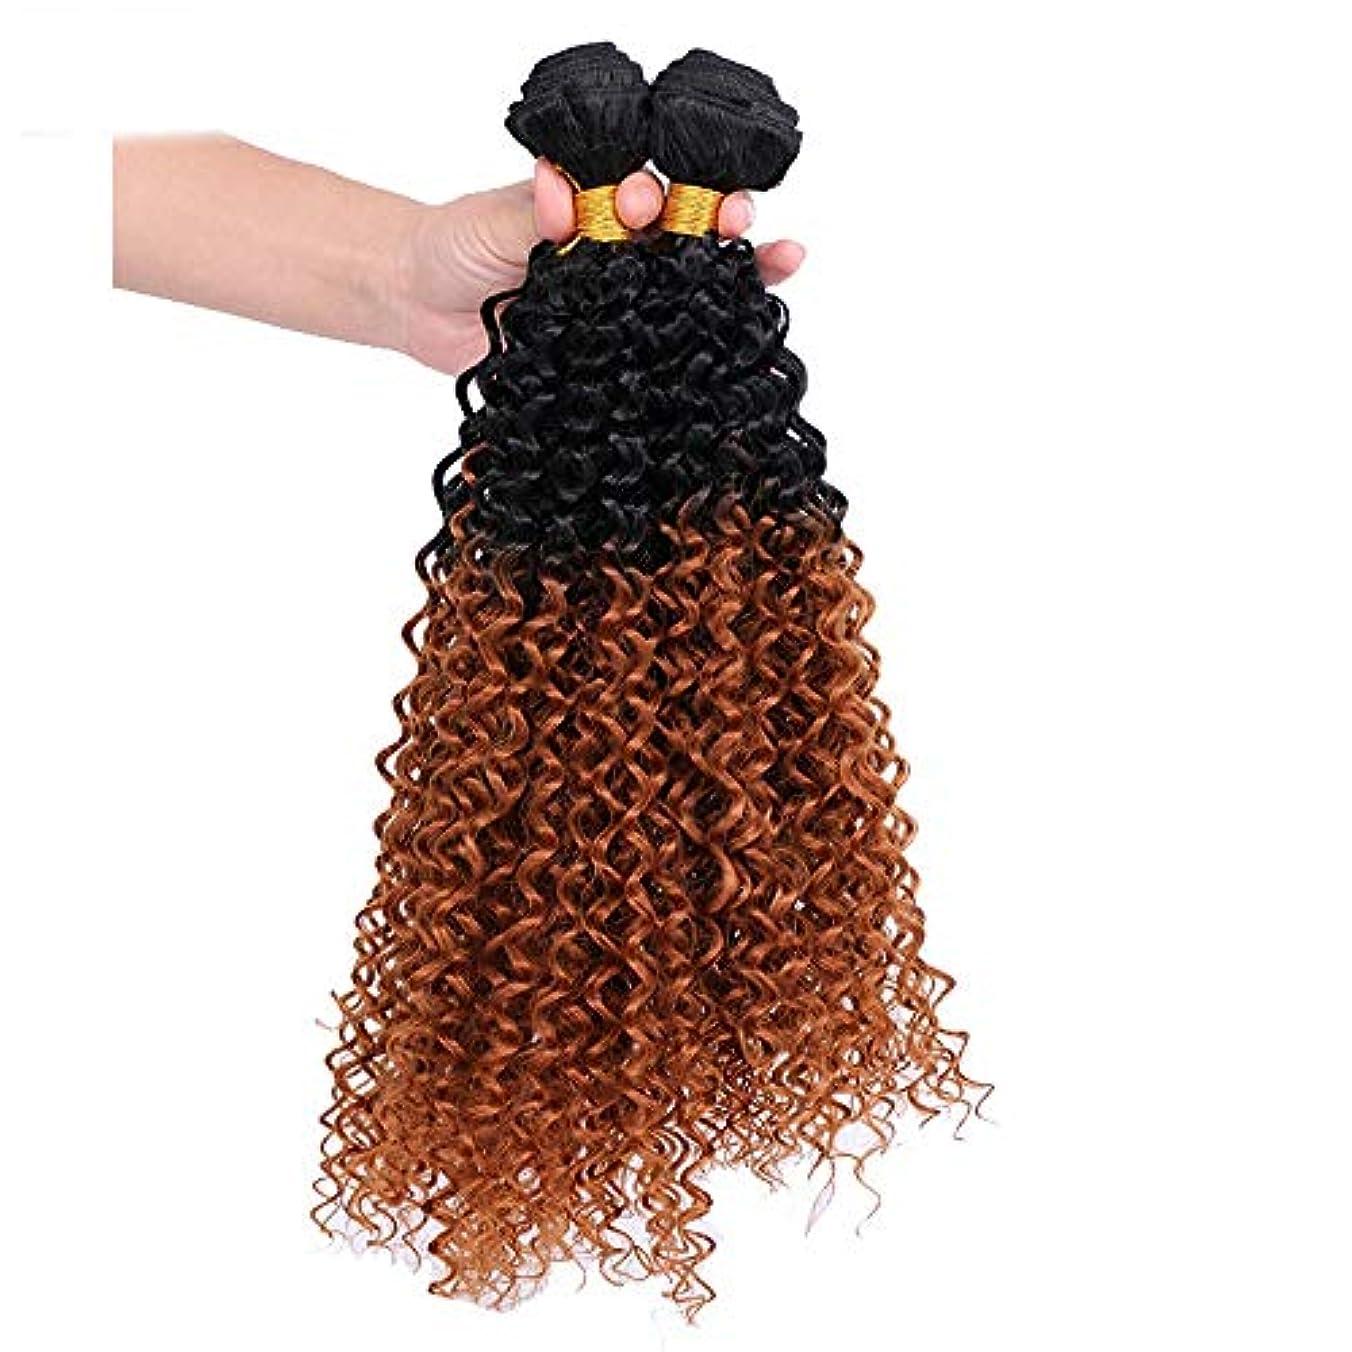 写真を撮るラフ睡眠ブラケットHOHYLLYA 茶色のグラデーション巻き毛の女性のためのコスプレパーティードレス(3バンドル)合成髪レースかつらロールプレイングかつらロングとショートの女性自然 (色 : ブラウン, サイズ : 24inch)